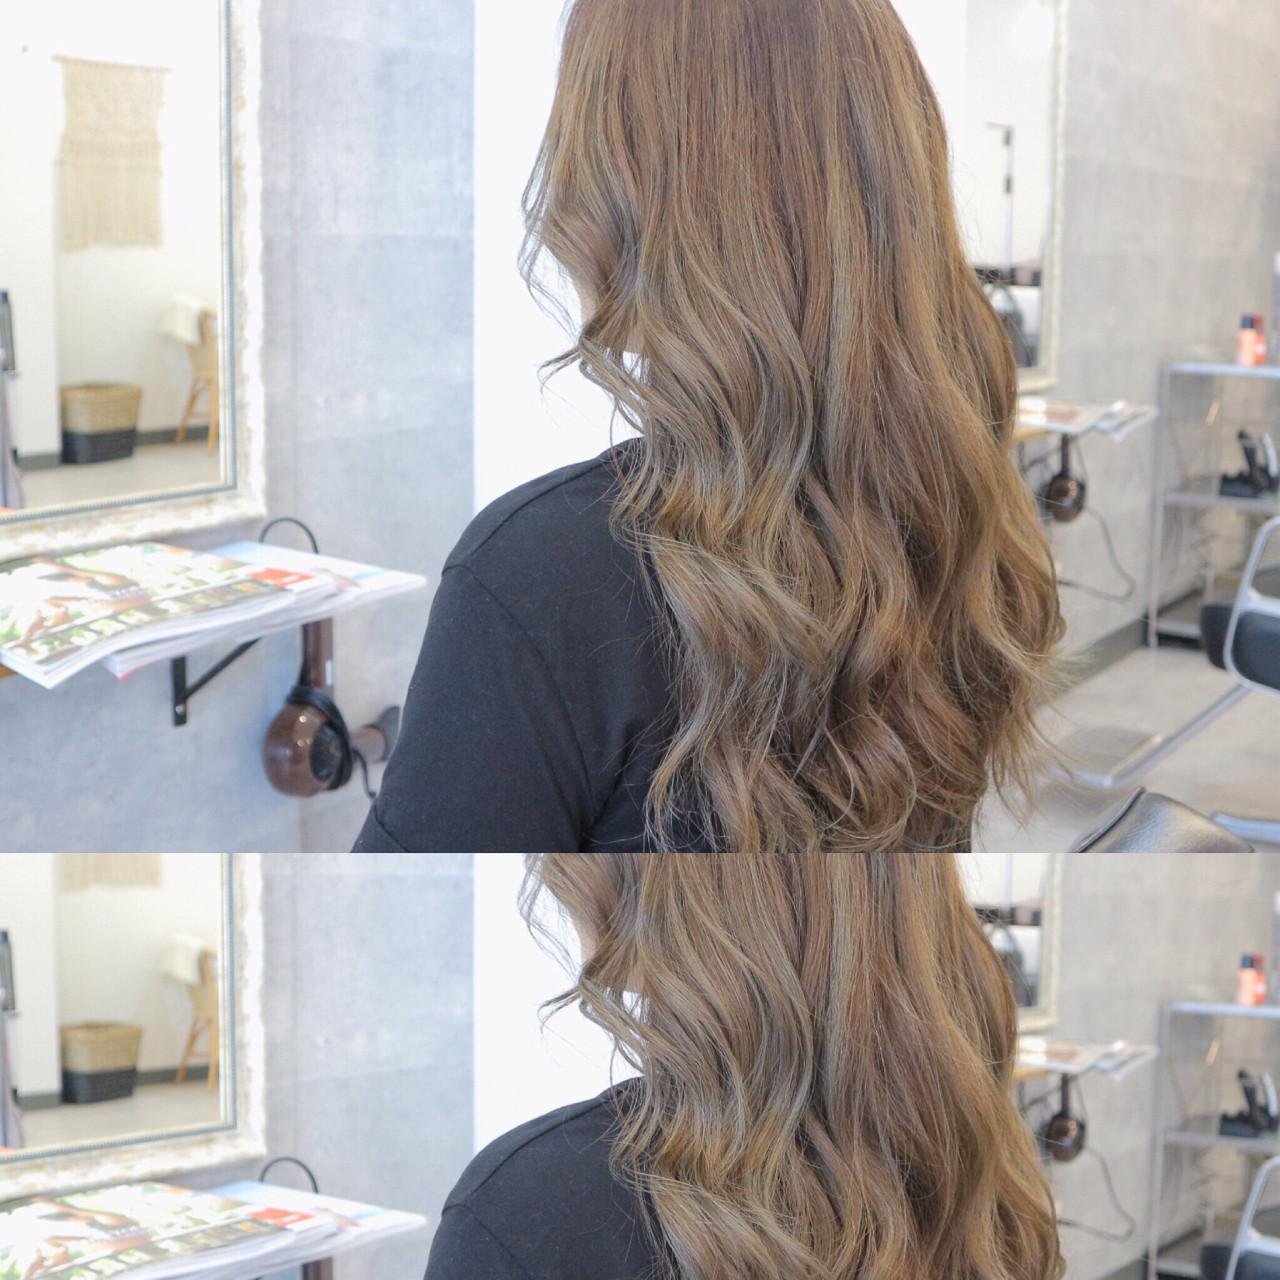 エレガント アンニュイ ネイビー ロング ヘアスタイルや髪型の写真・画像